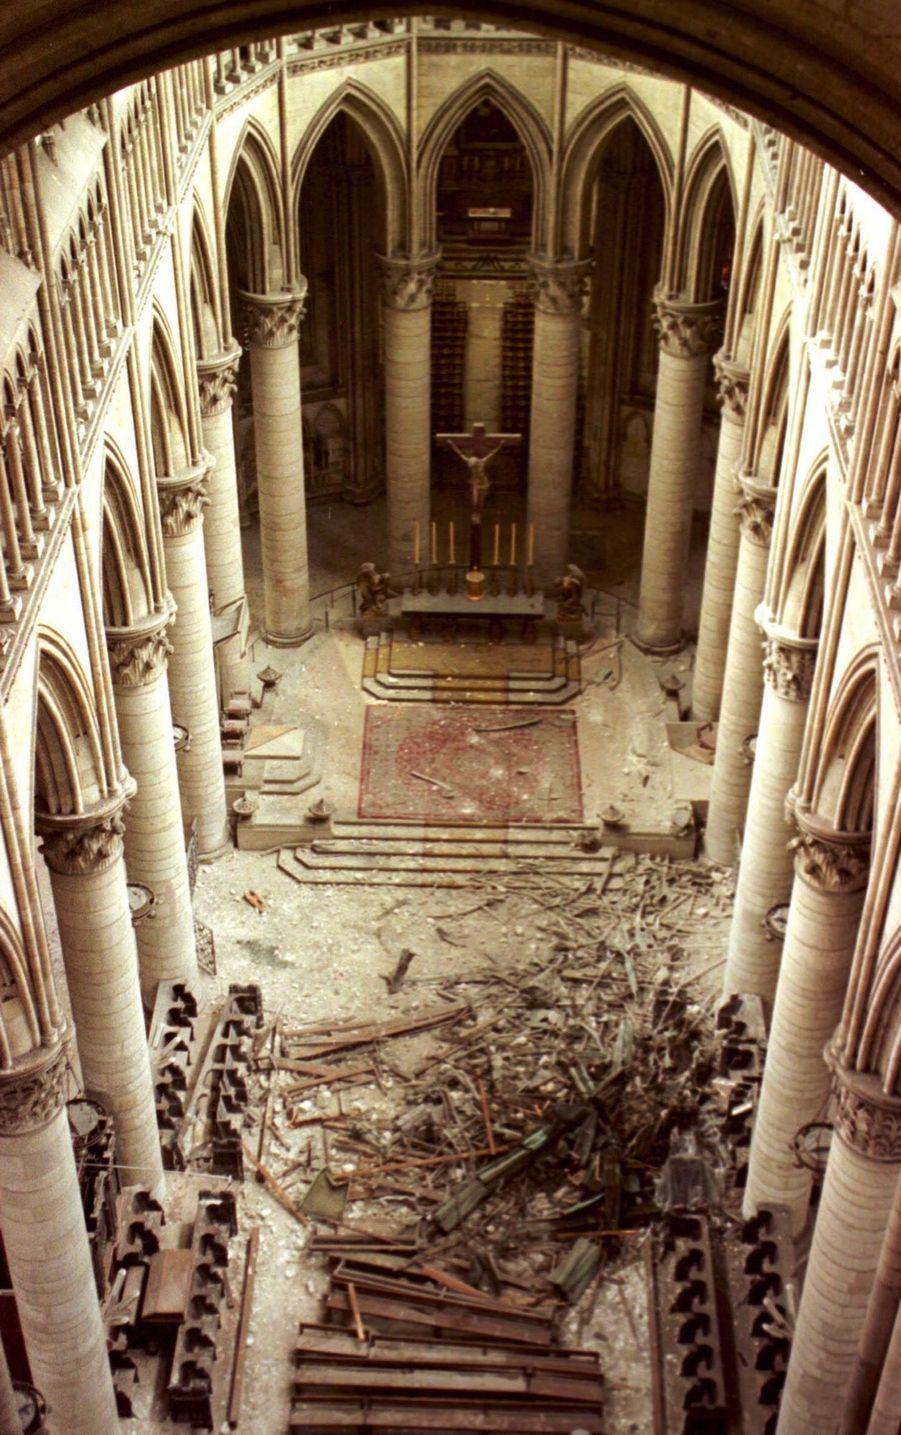 « Le clocheton de la cathédrale de Rouen s'est écrasé dans le chœur. » - Paris Match n°2641, 6 janvier 2000.